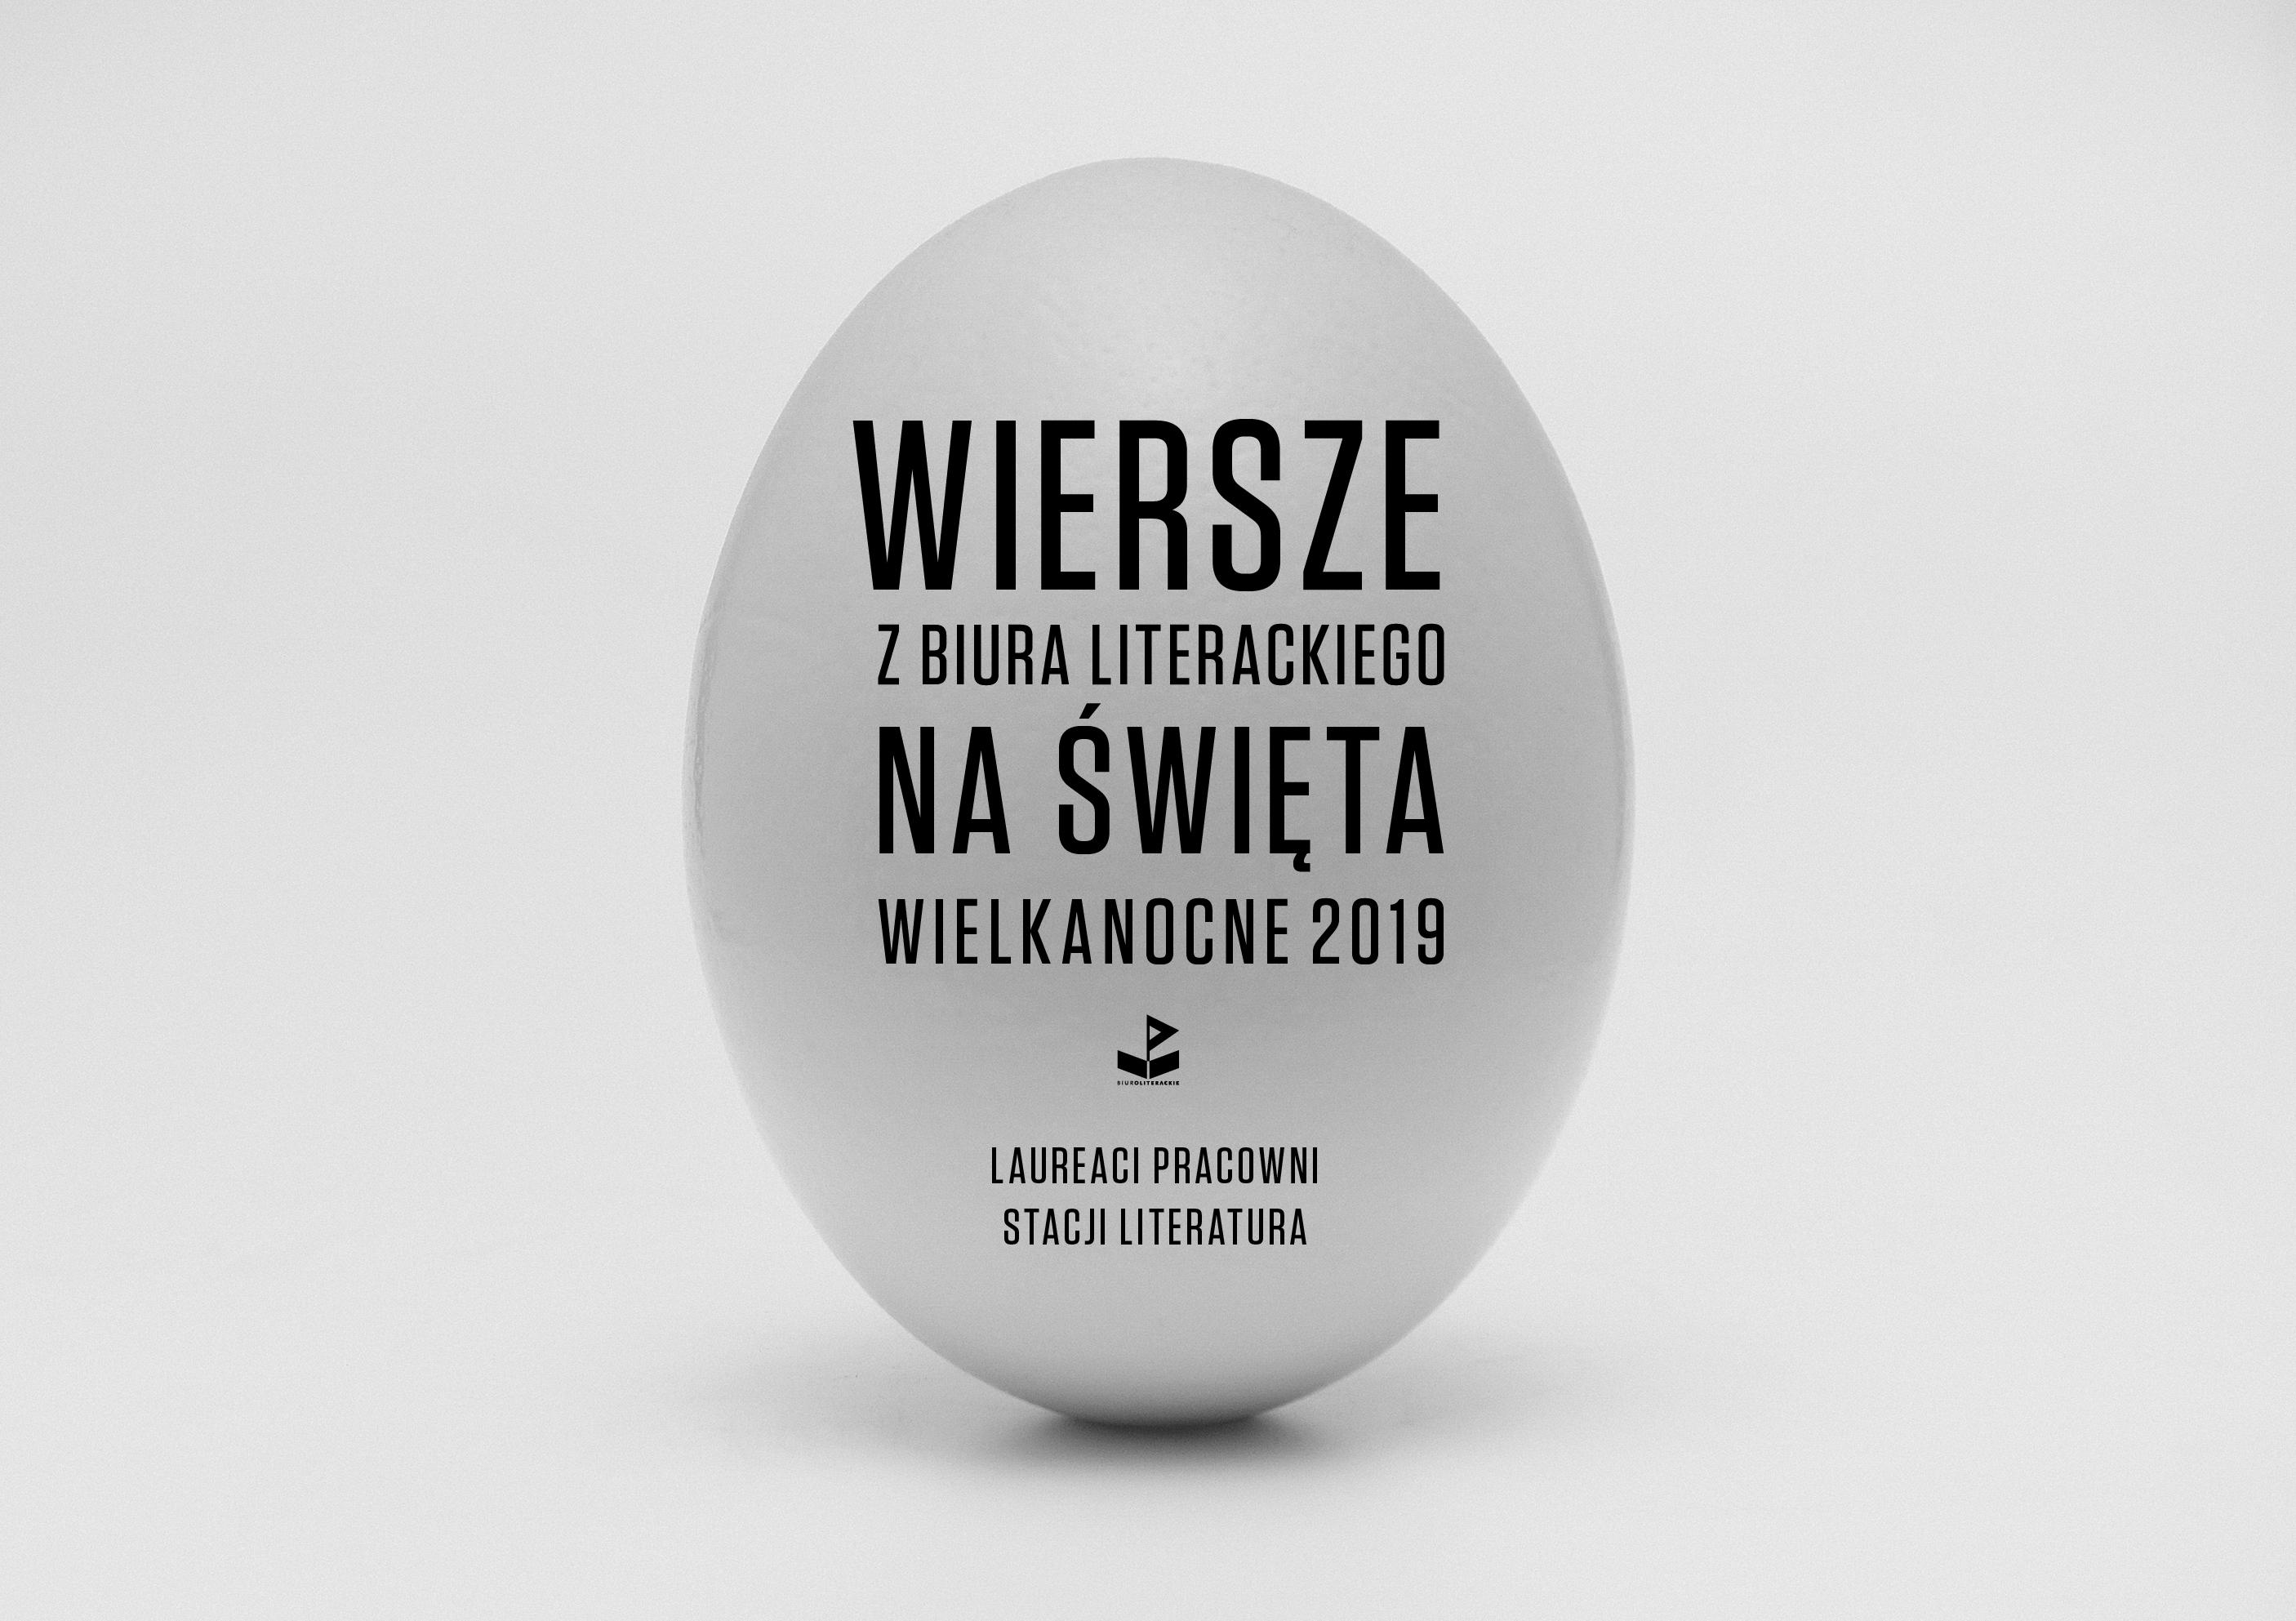 Wiersze na święta Wielkanocne 2019__01